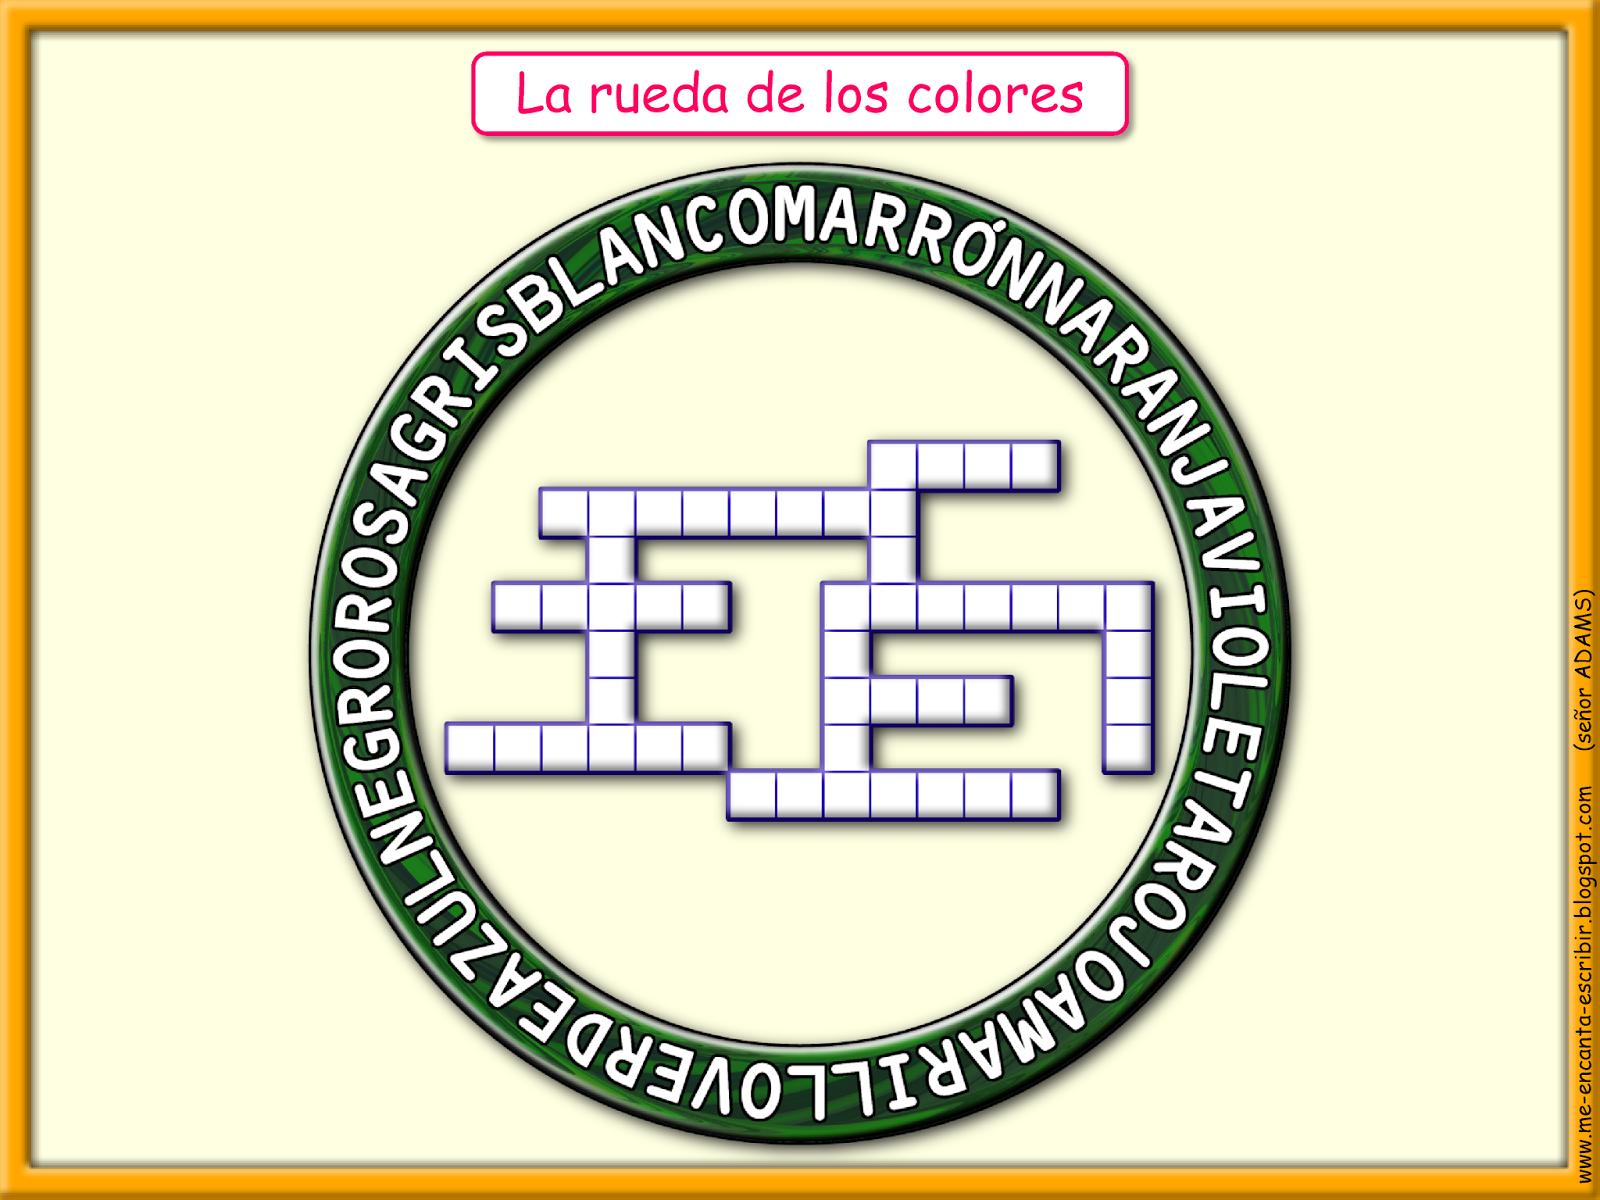 Me encanta escribir en español: La rueda de los colores